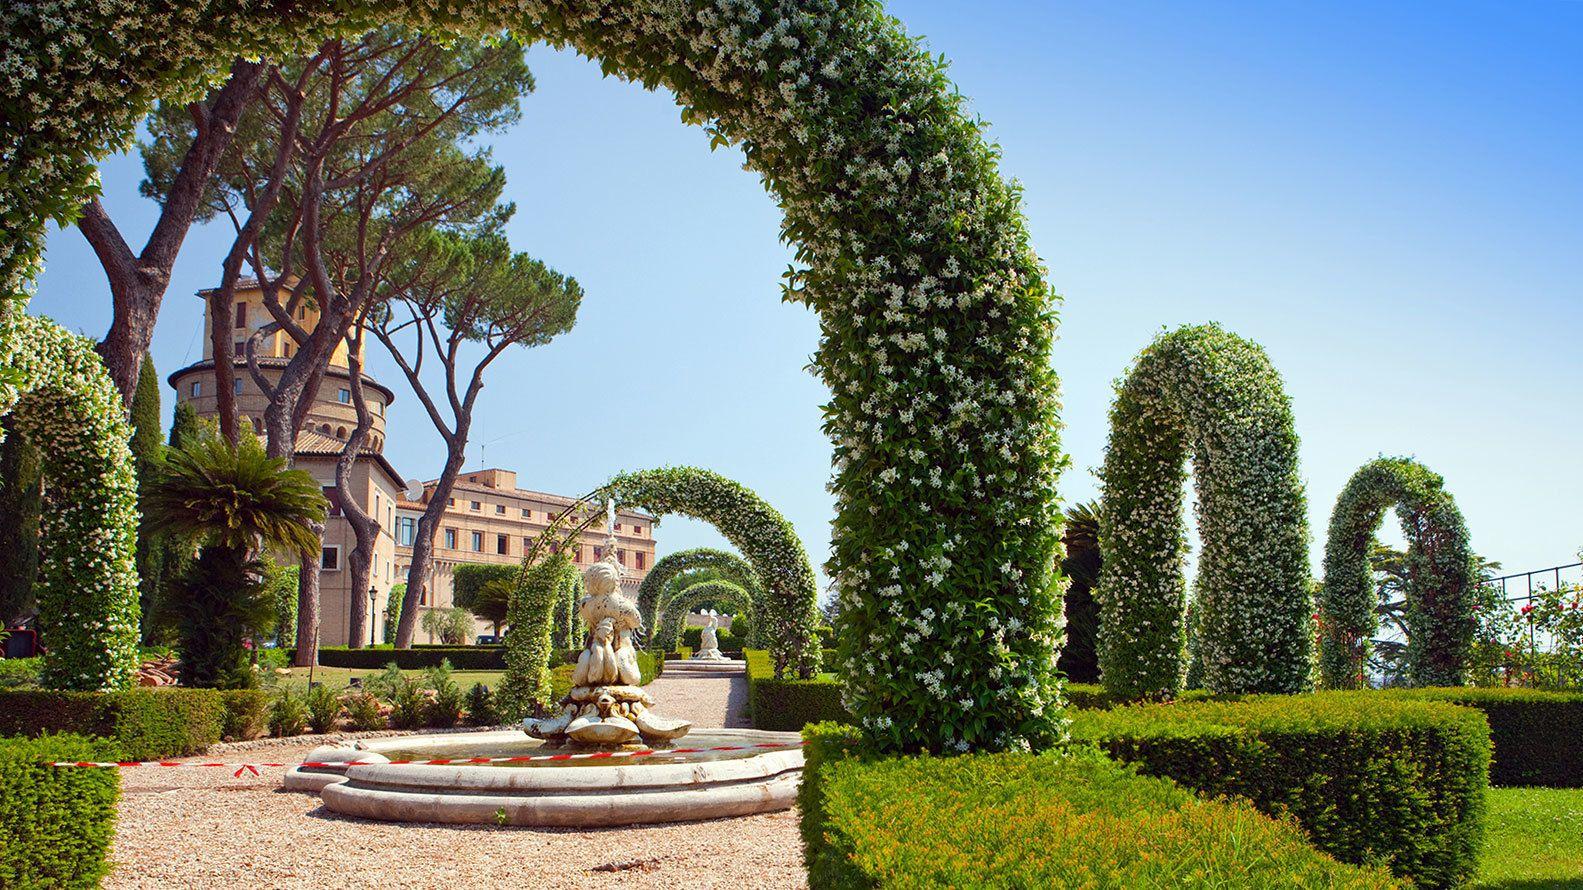 Siirry jonon ohi: Laajennettu Vatikaanin museo- ja puutarhakierros